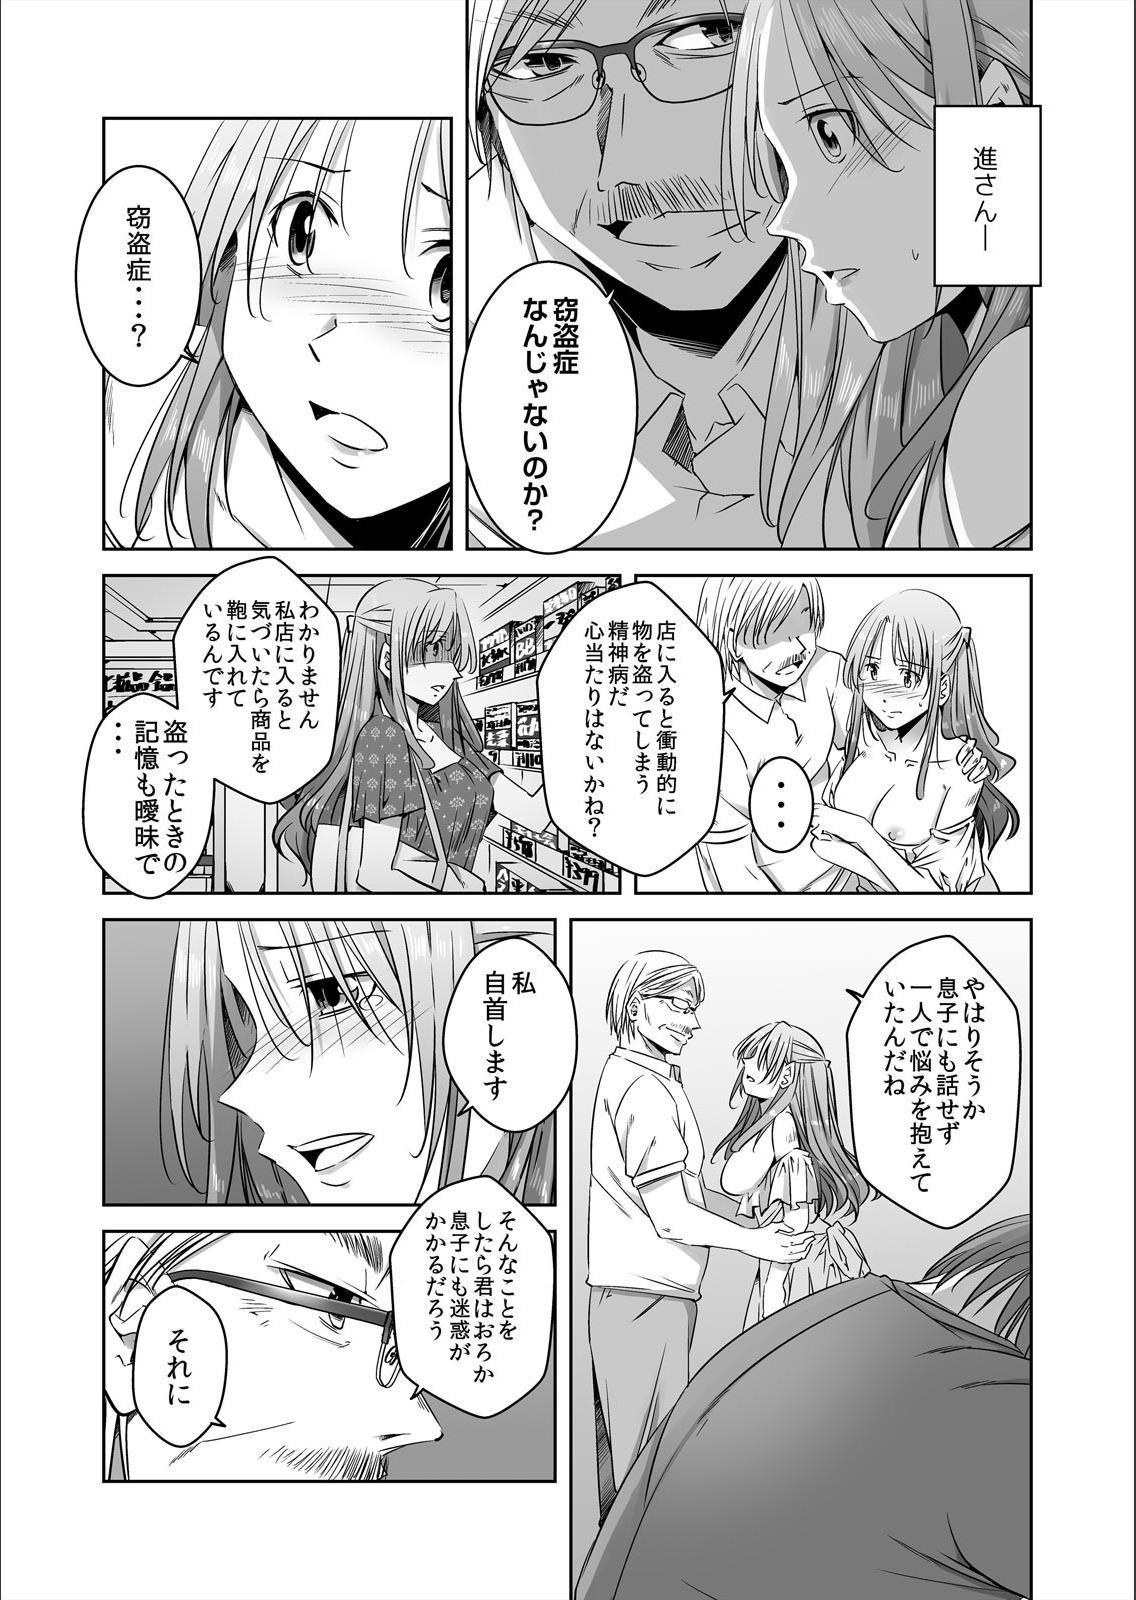 [Bokuboku] Nusumu Hitozuma, Okasu Gifu ~Shujin ni wa Iwanaide Kudasai...~ Ch.1 16